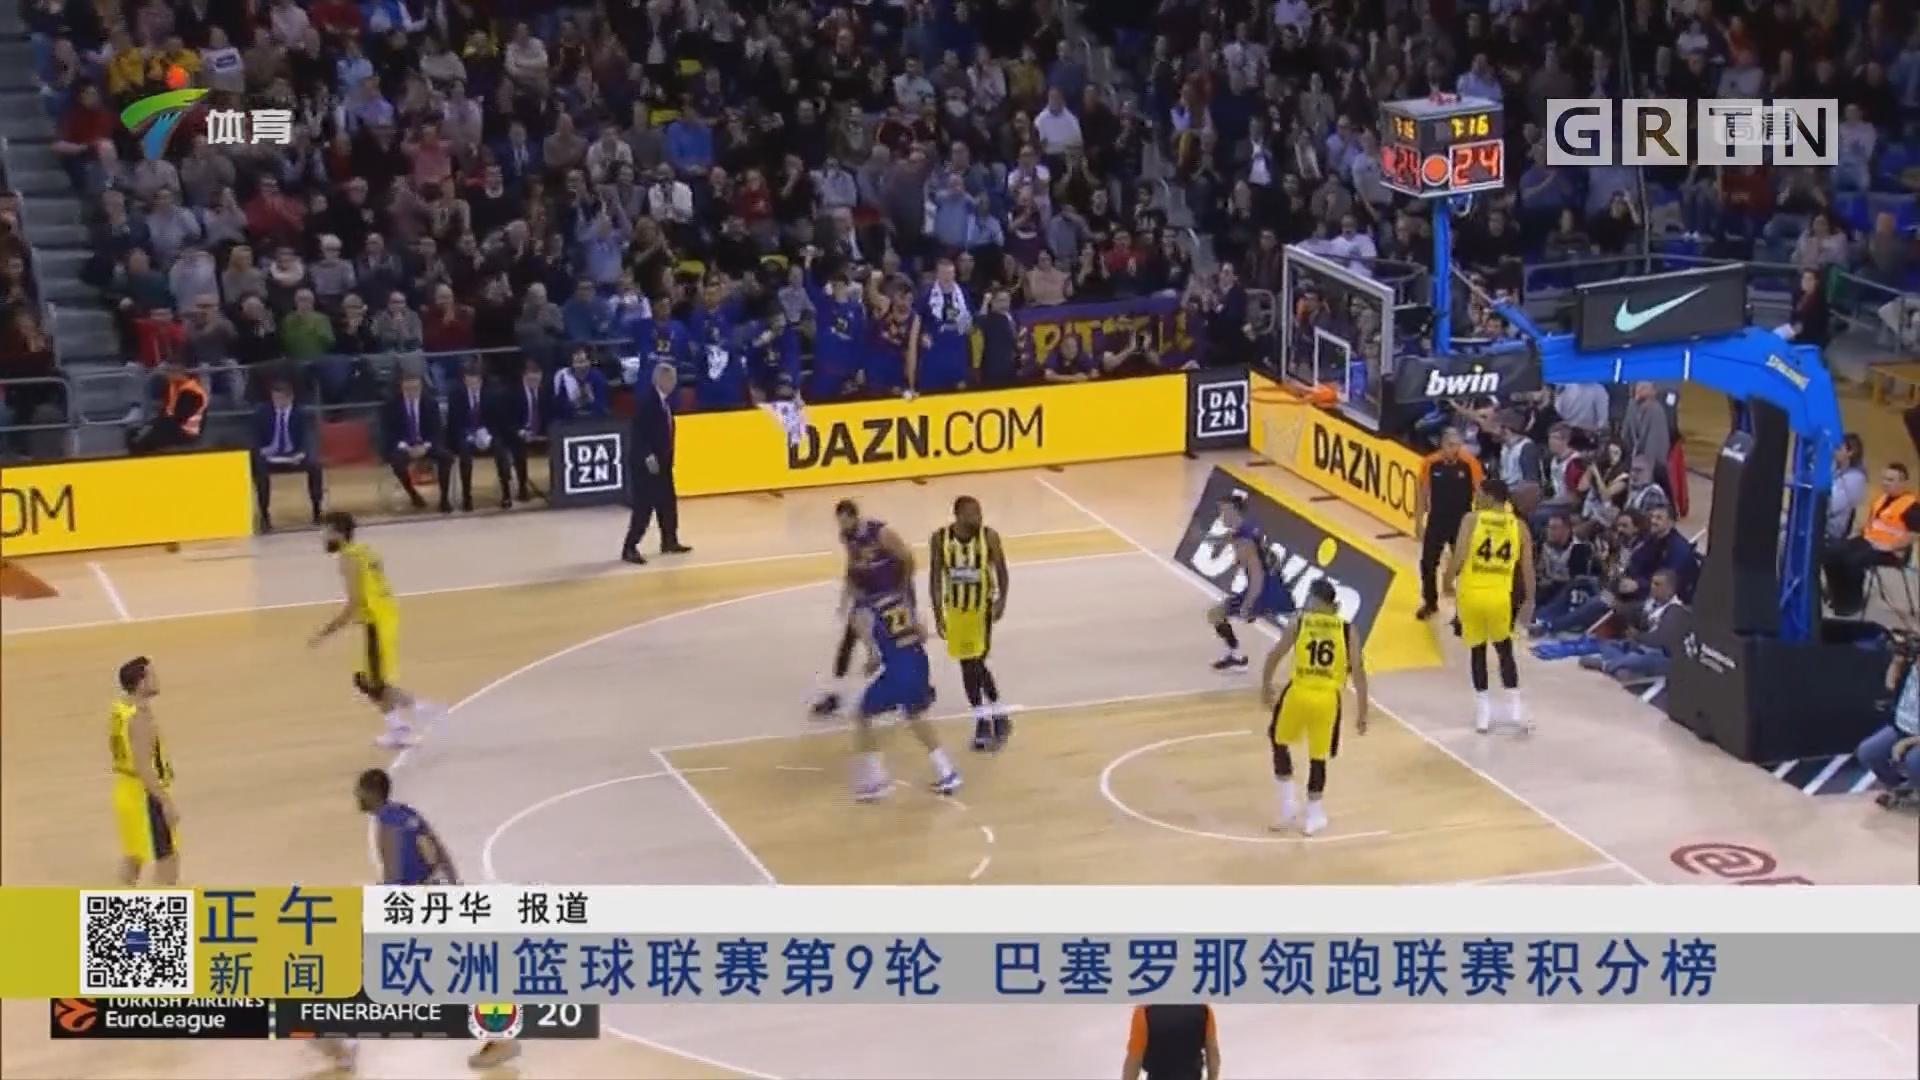 欧洲篮球联赛第9轮 巴塞罗那领跑联赛积分榜